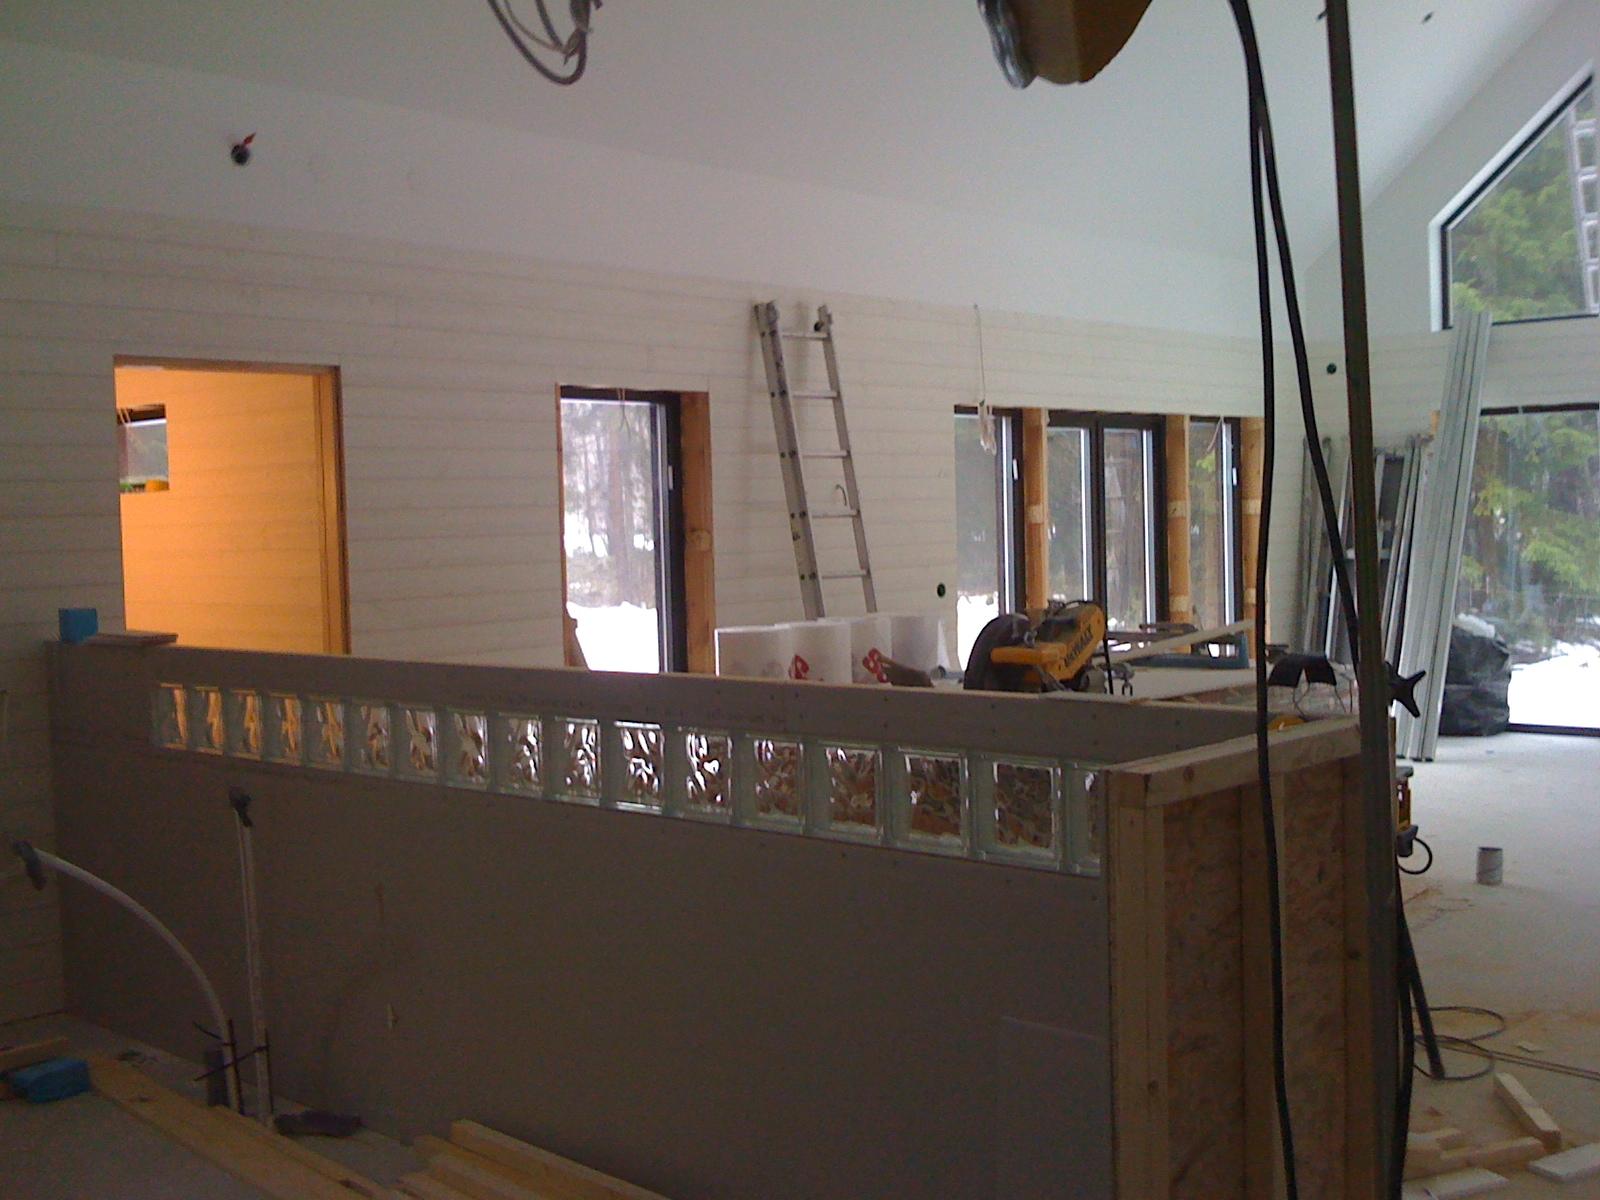 Ullevidsdal: köksvägg med glasbetong o kakel i badrummet